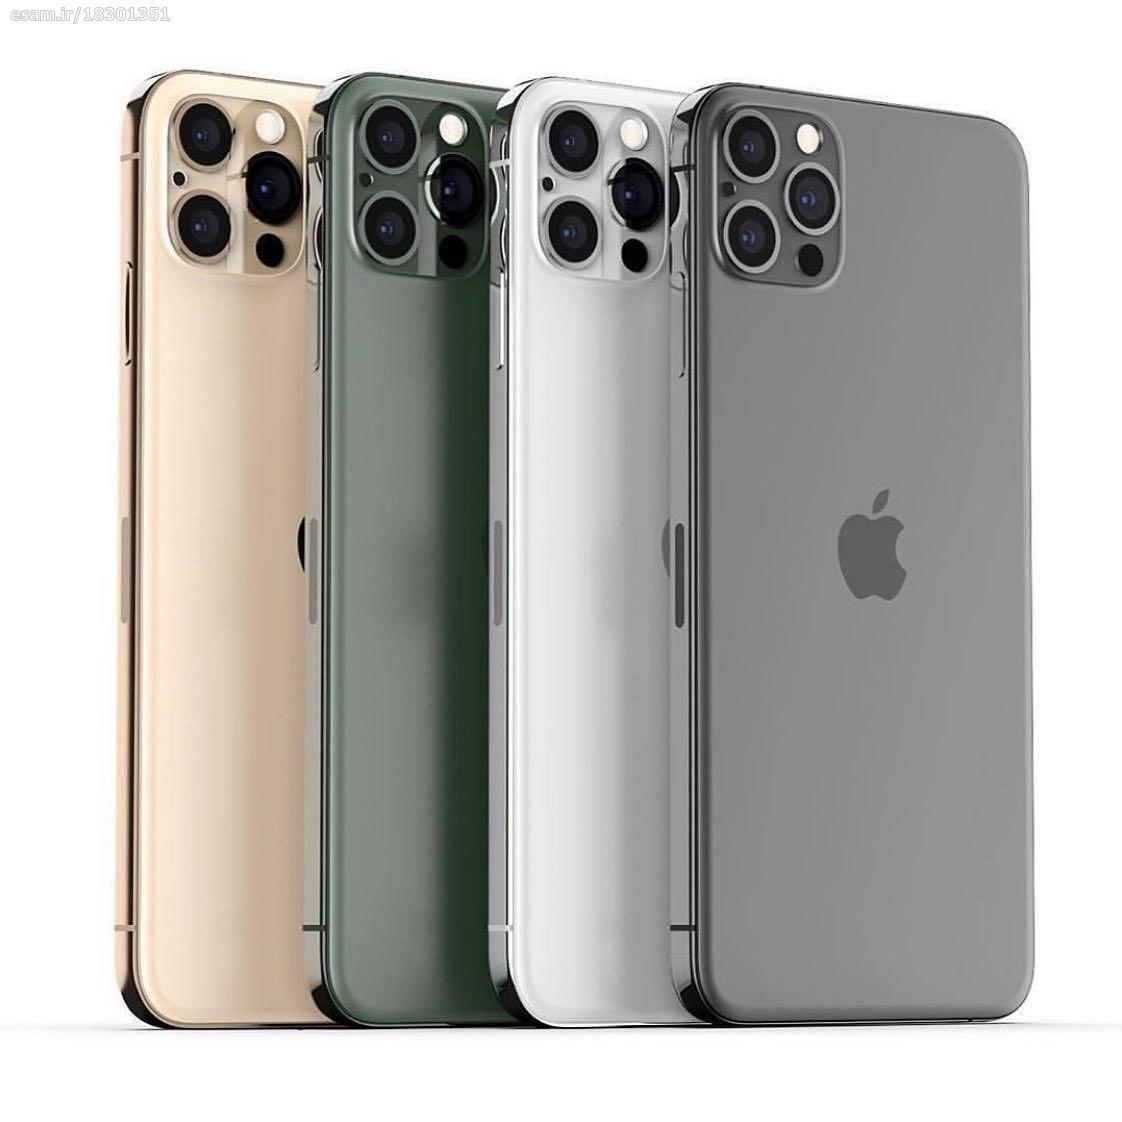 تصویر گوشی طرح اصلی Apple 11pro maxبا گارانتی